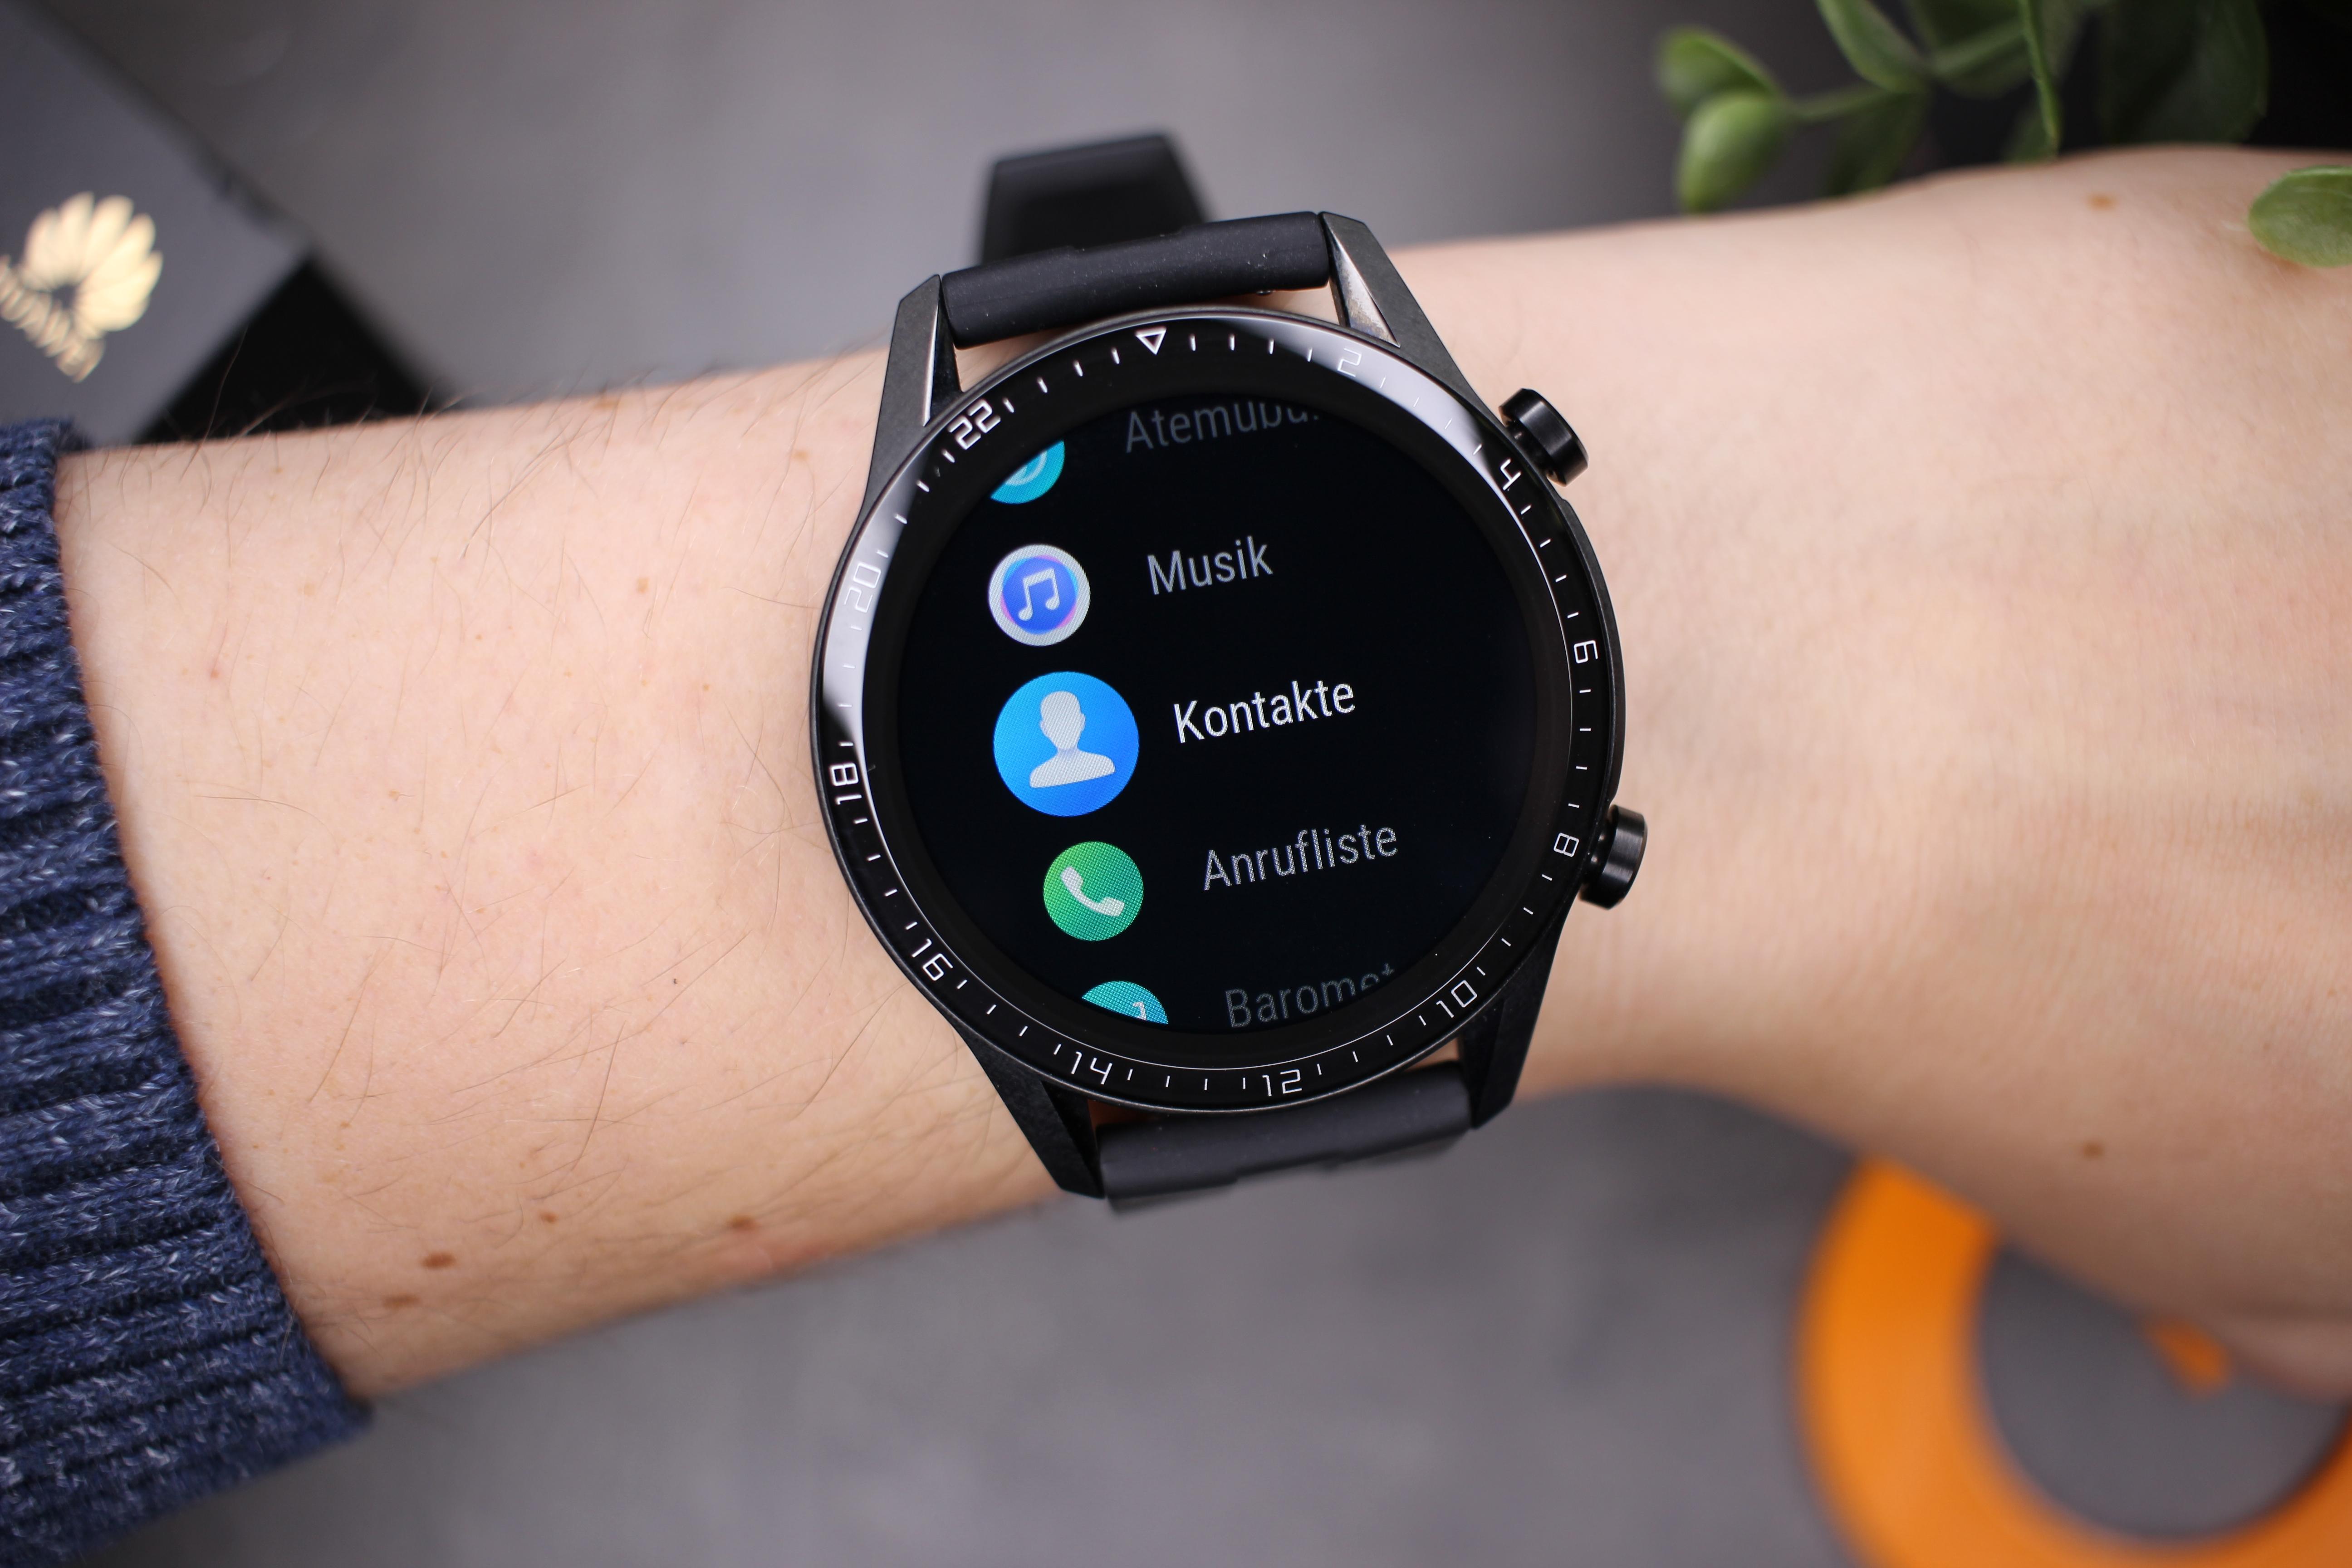 huawei smartwatch 2 musik speichern